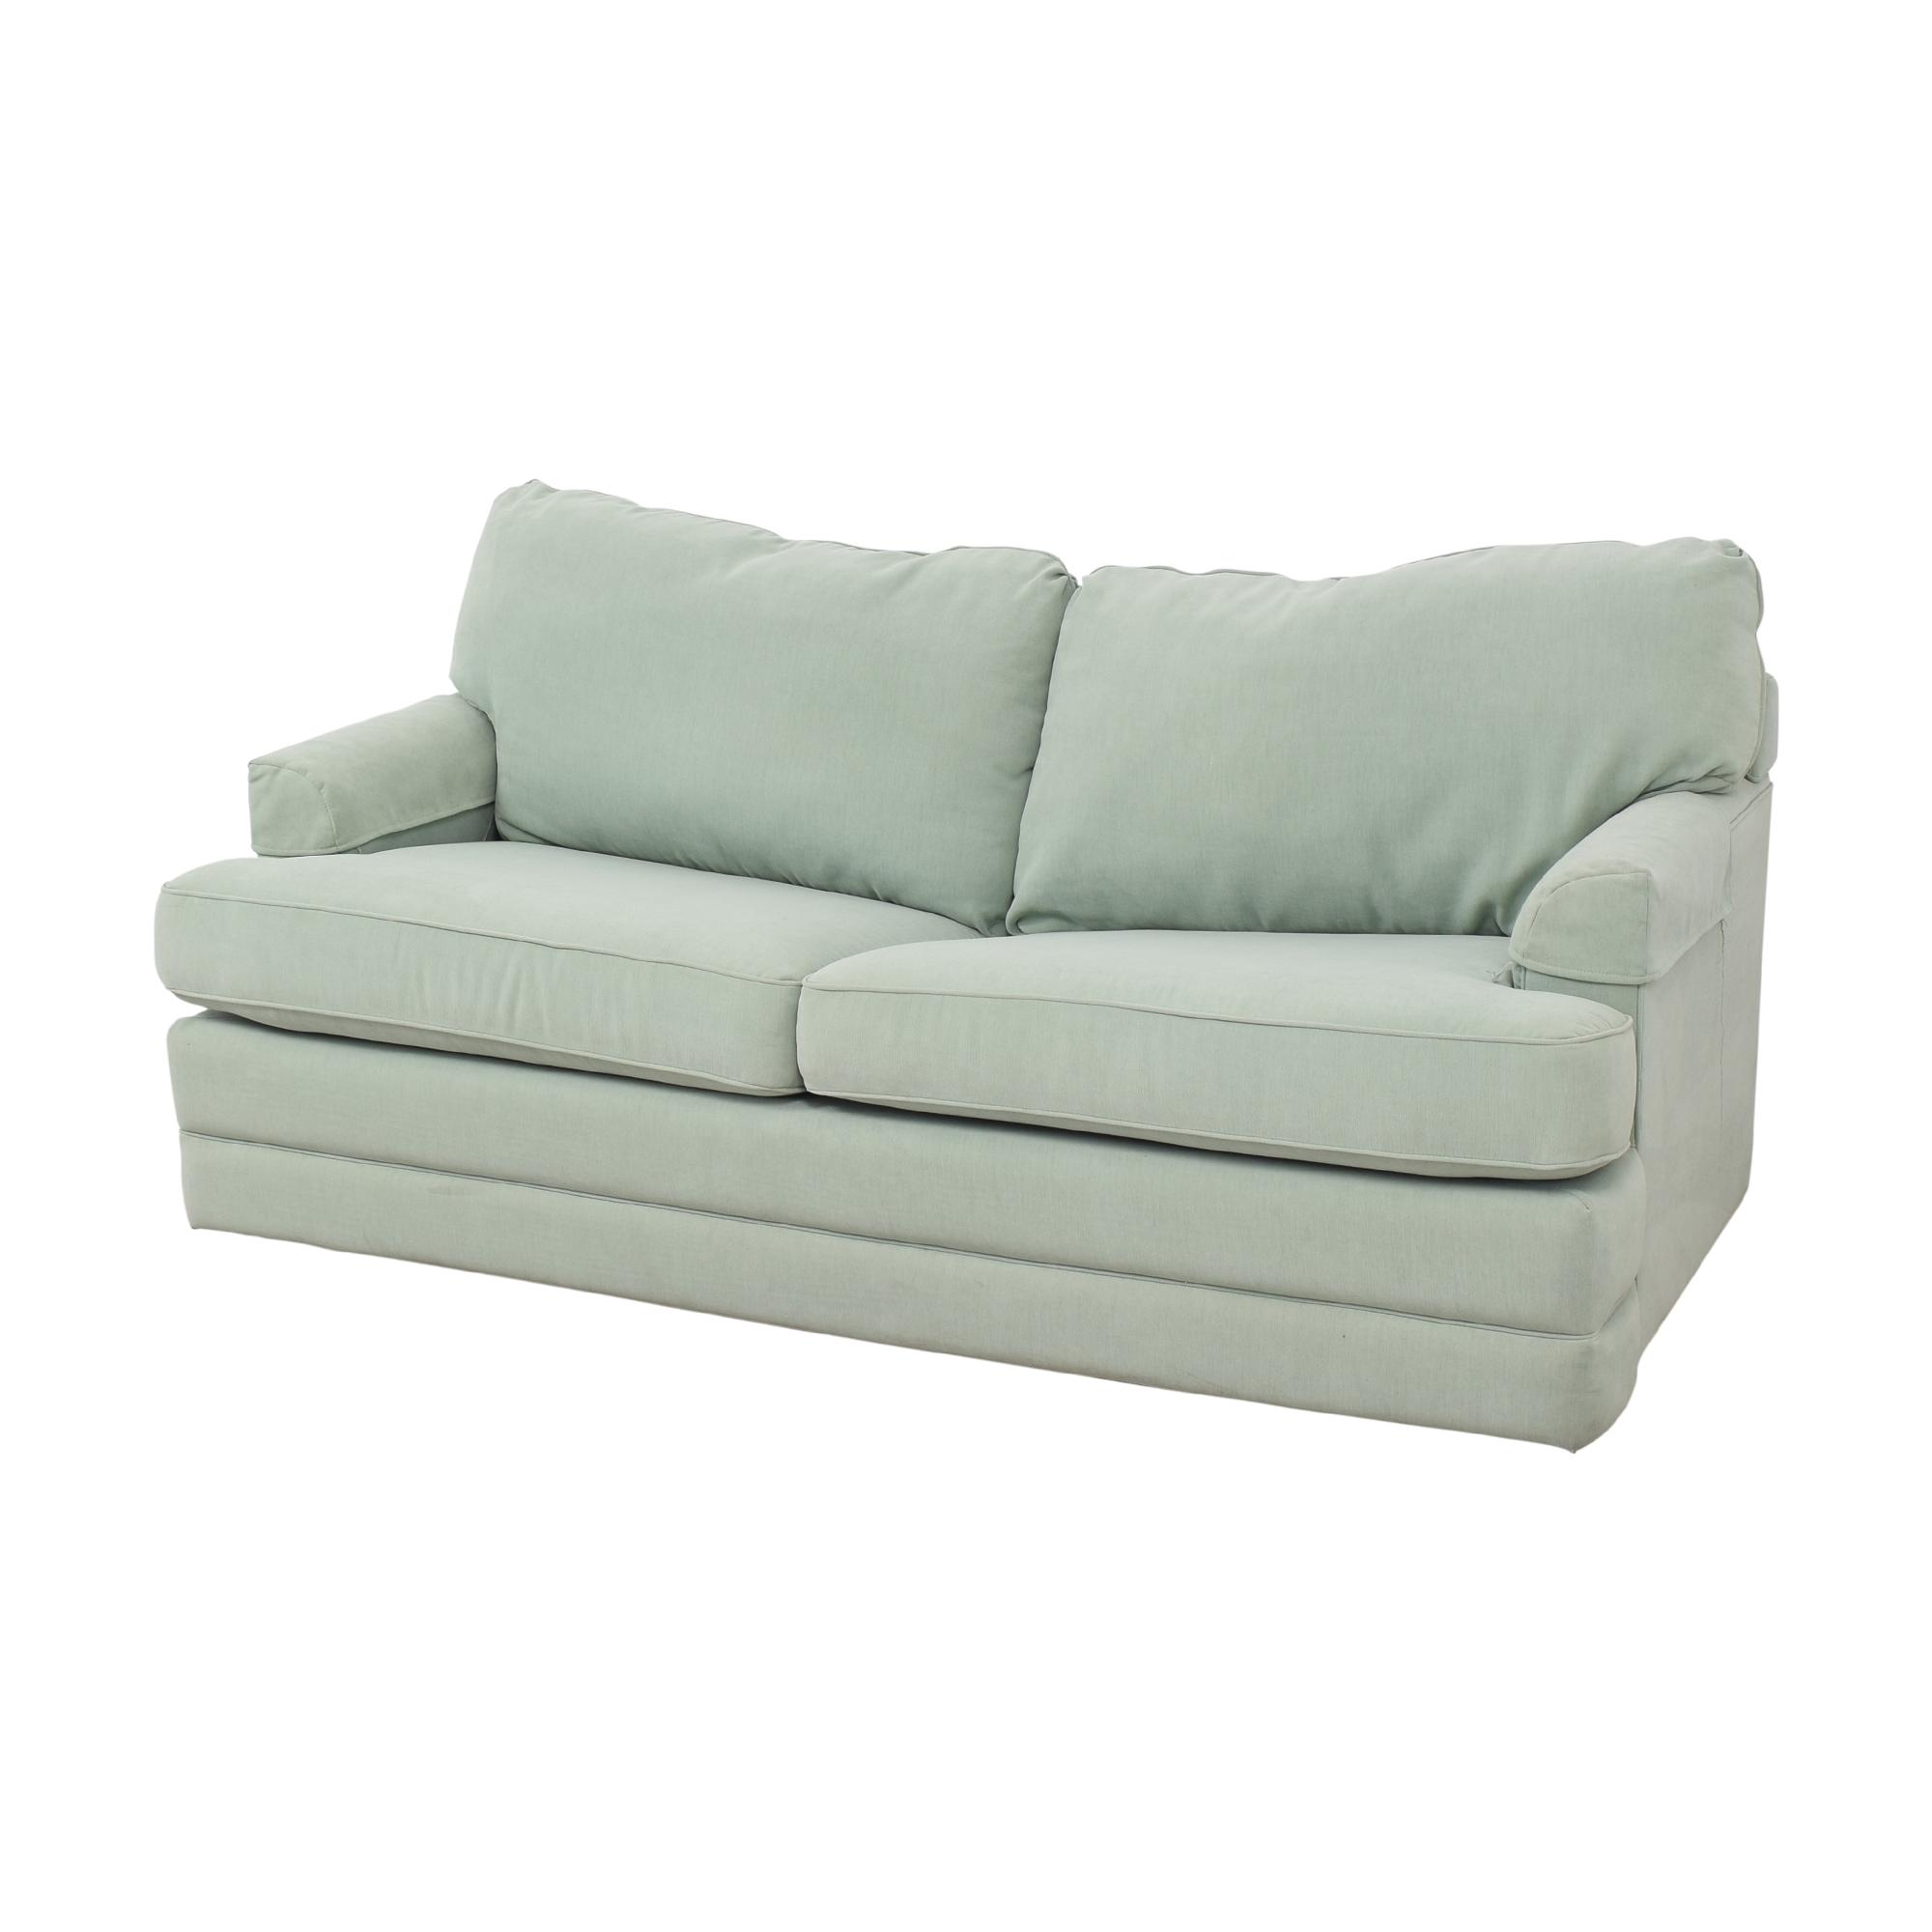 La-Z-Boy La-Z-Boy Daphne Two Cushion Sofa Bed Sofa Beds